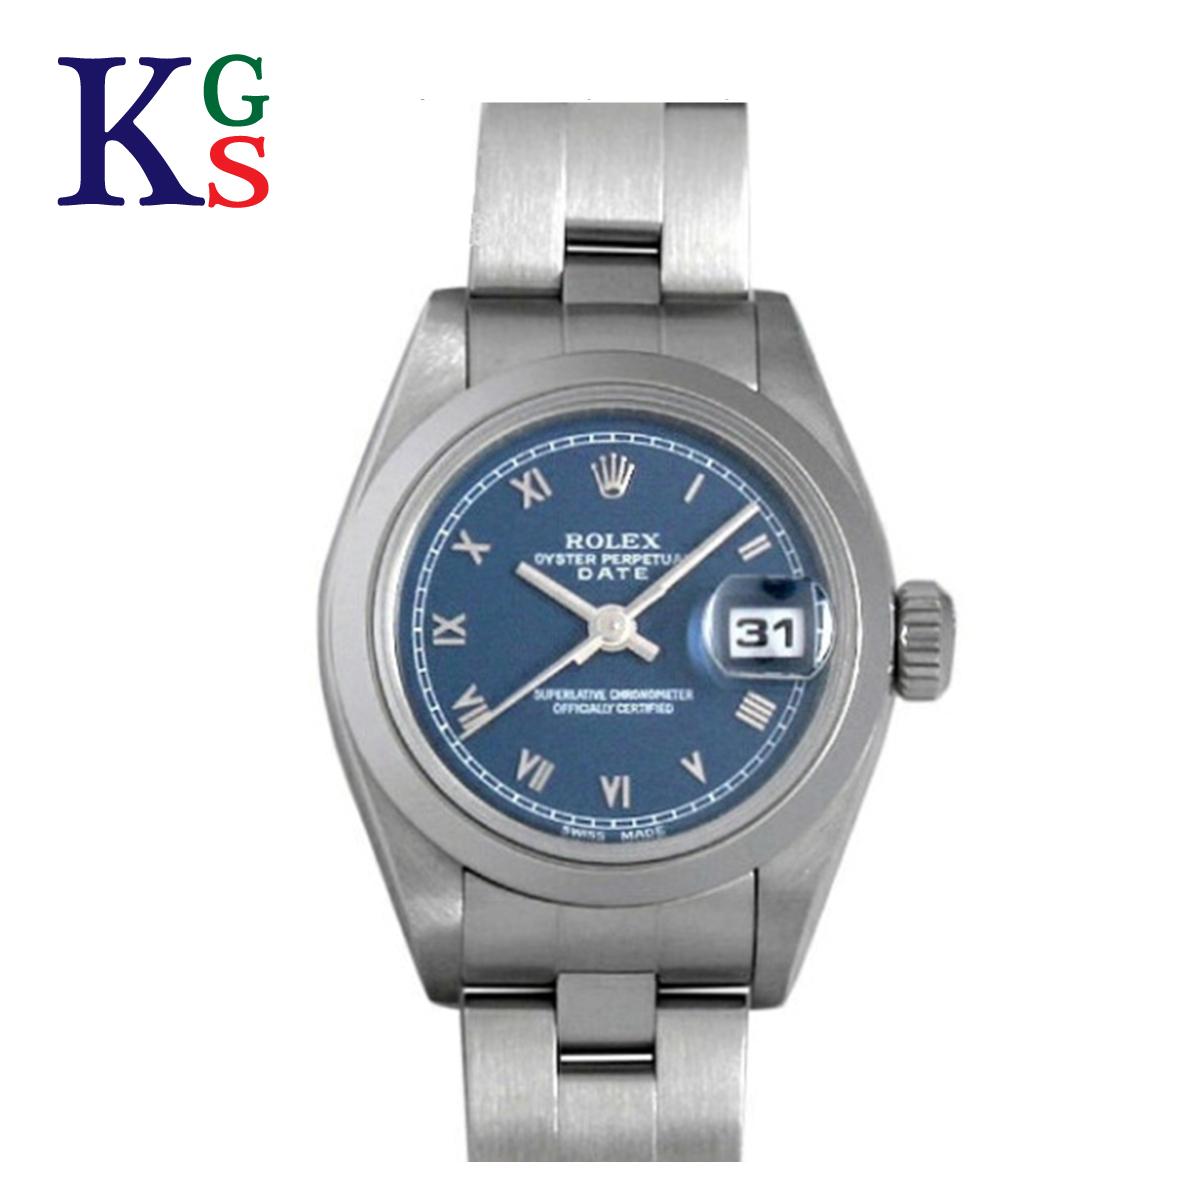 【ギフト品質】ロレックス/ROLEX レディース 腕時計 オイスターパーペチュアルデイト ネイビー文字盤 ローマインデックス シルバー ステンレススチール 69160 自動巻き